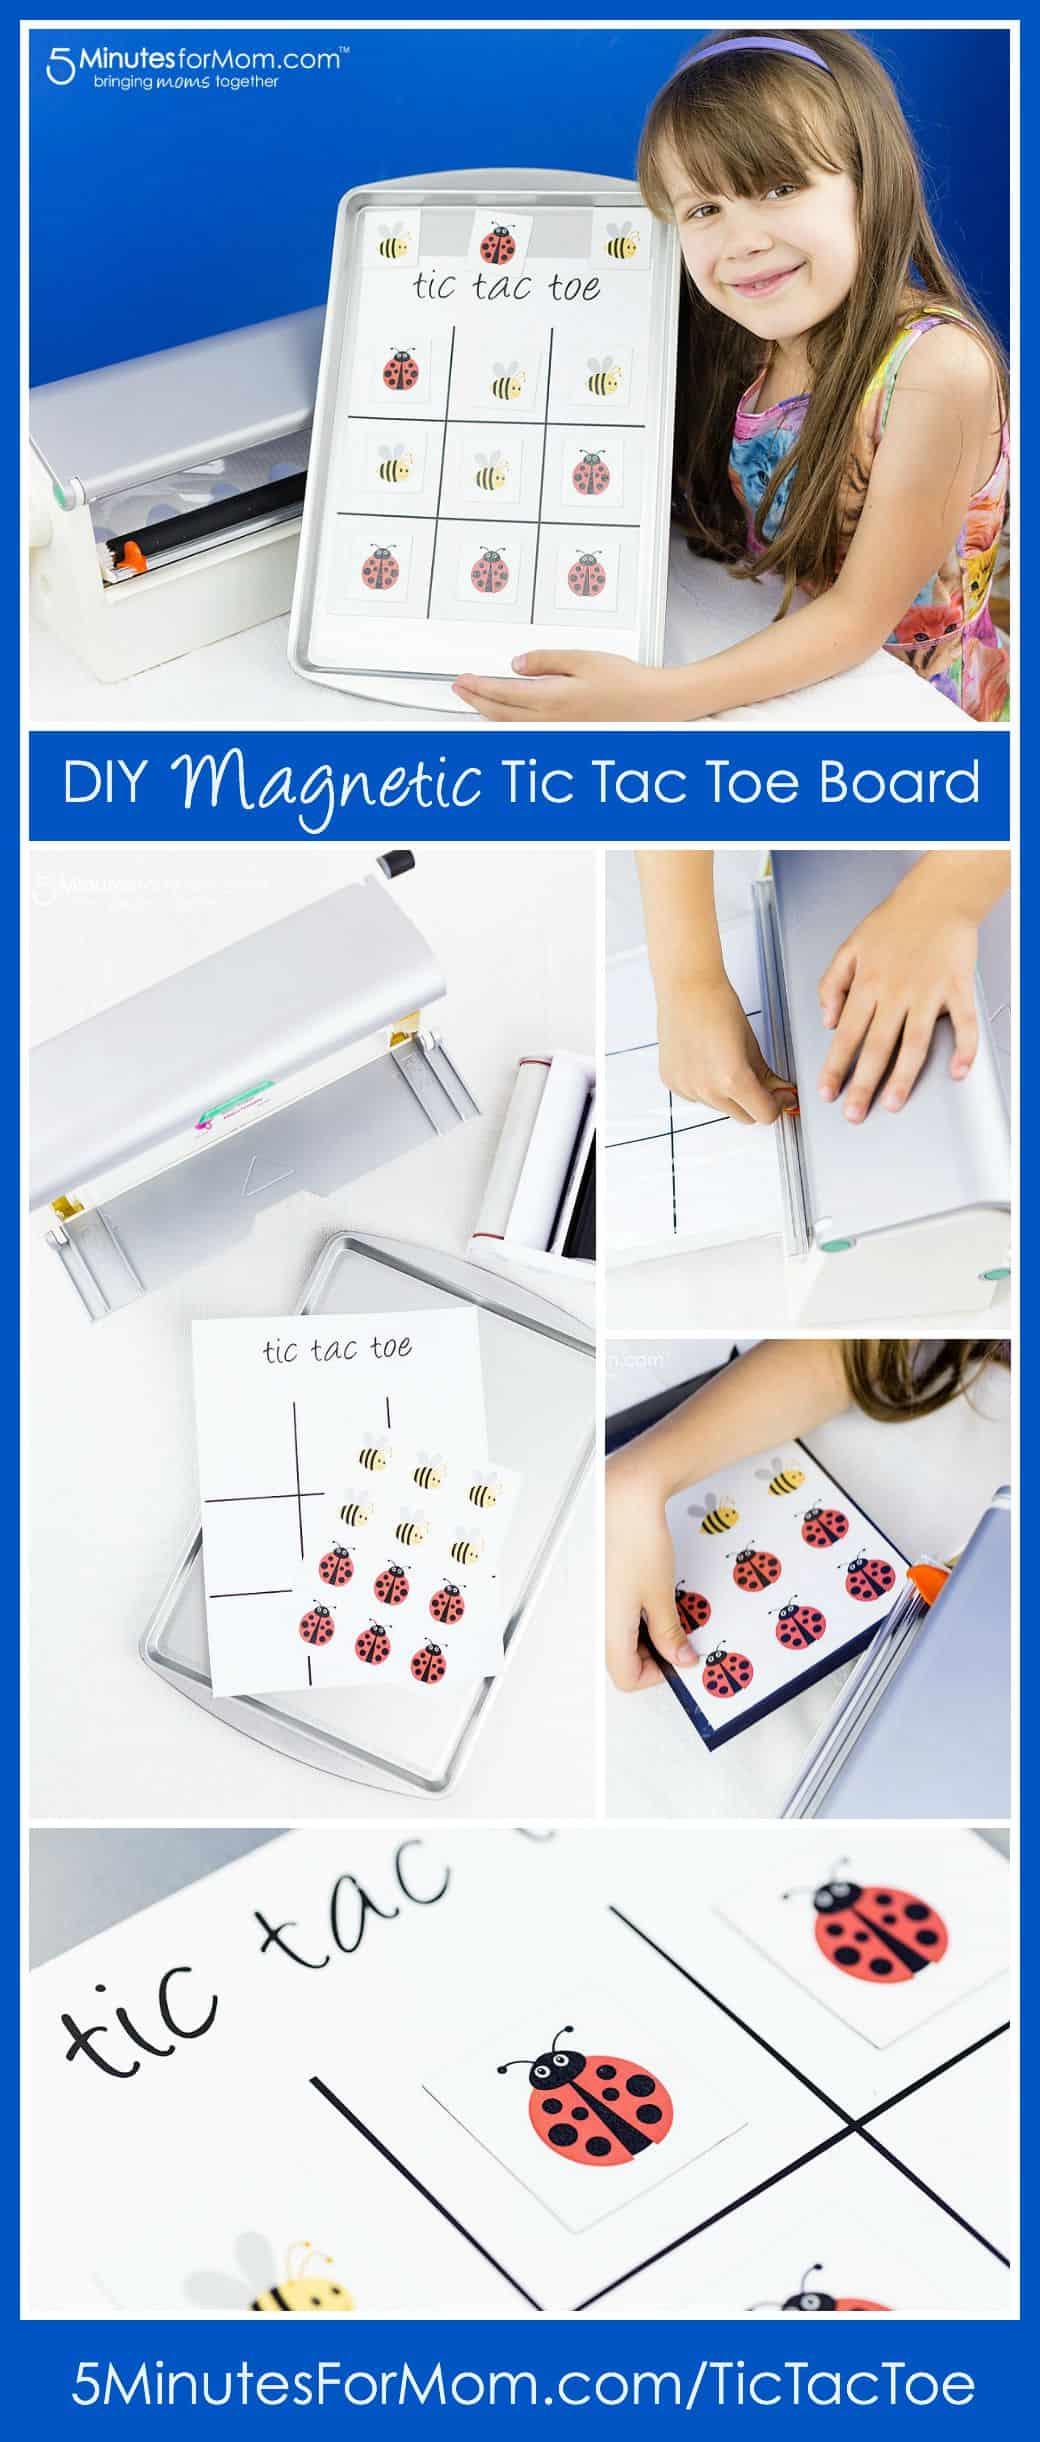 DIY Magnetic Tic Tac Toe Board